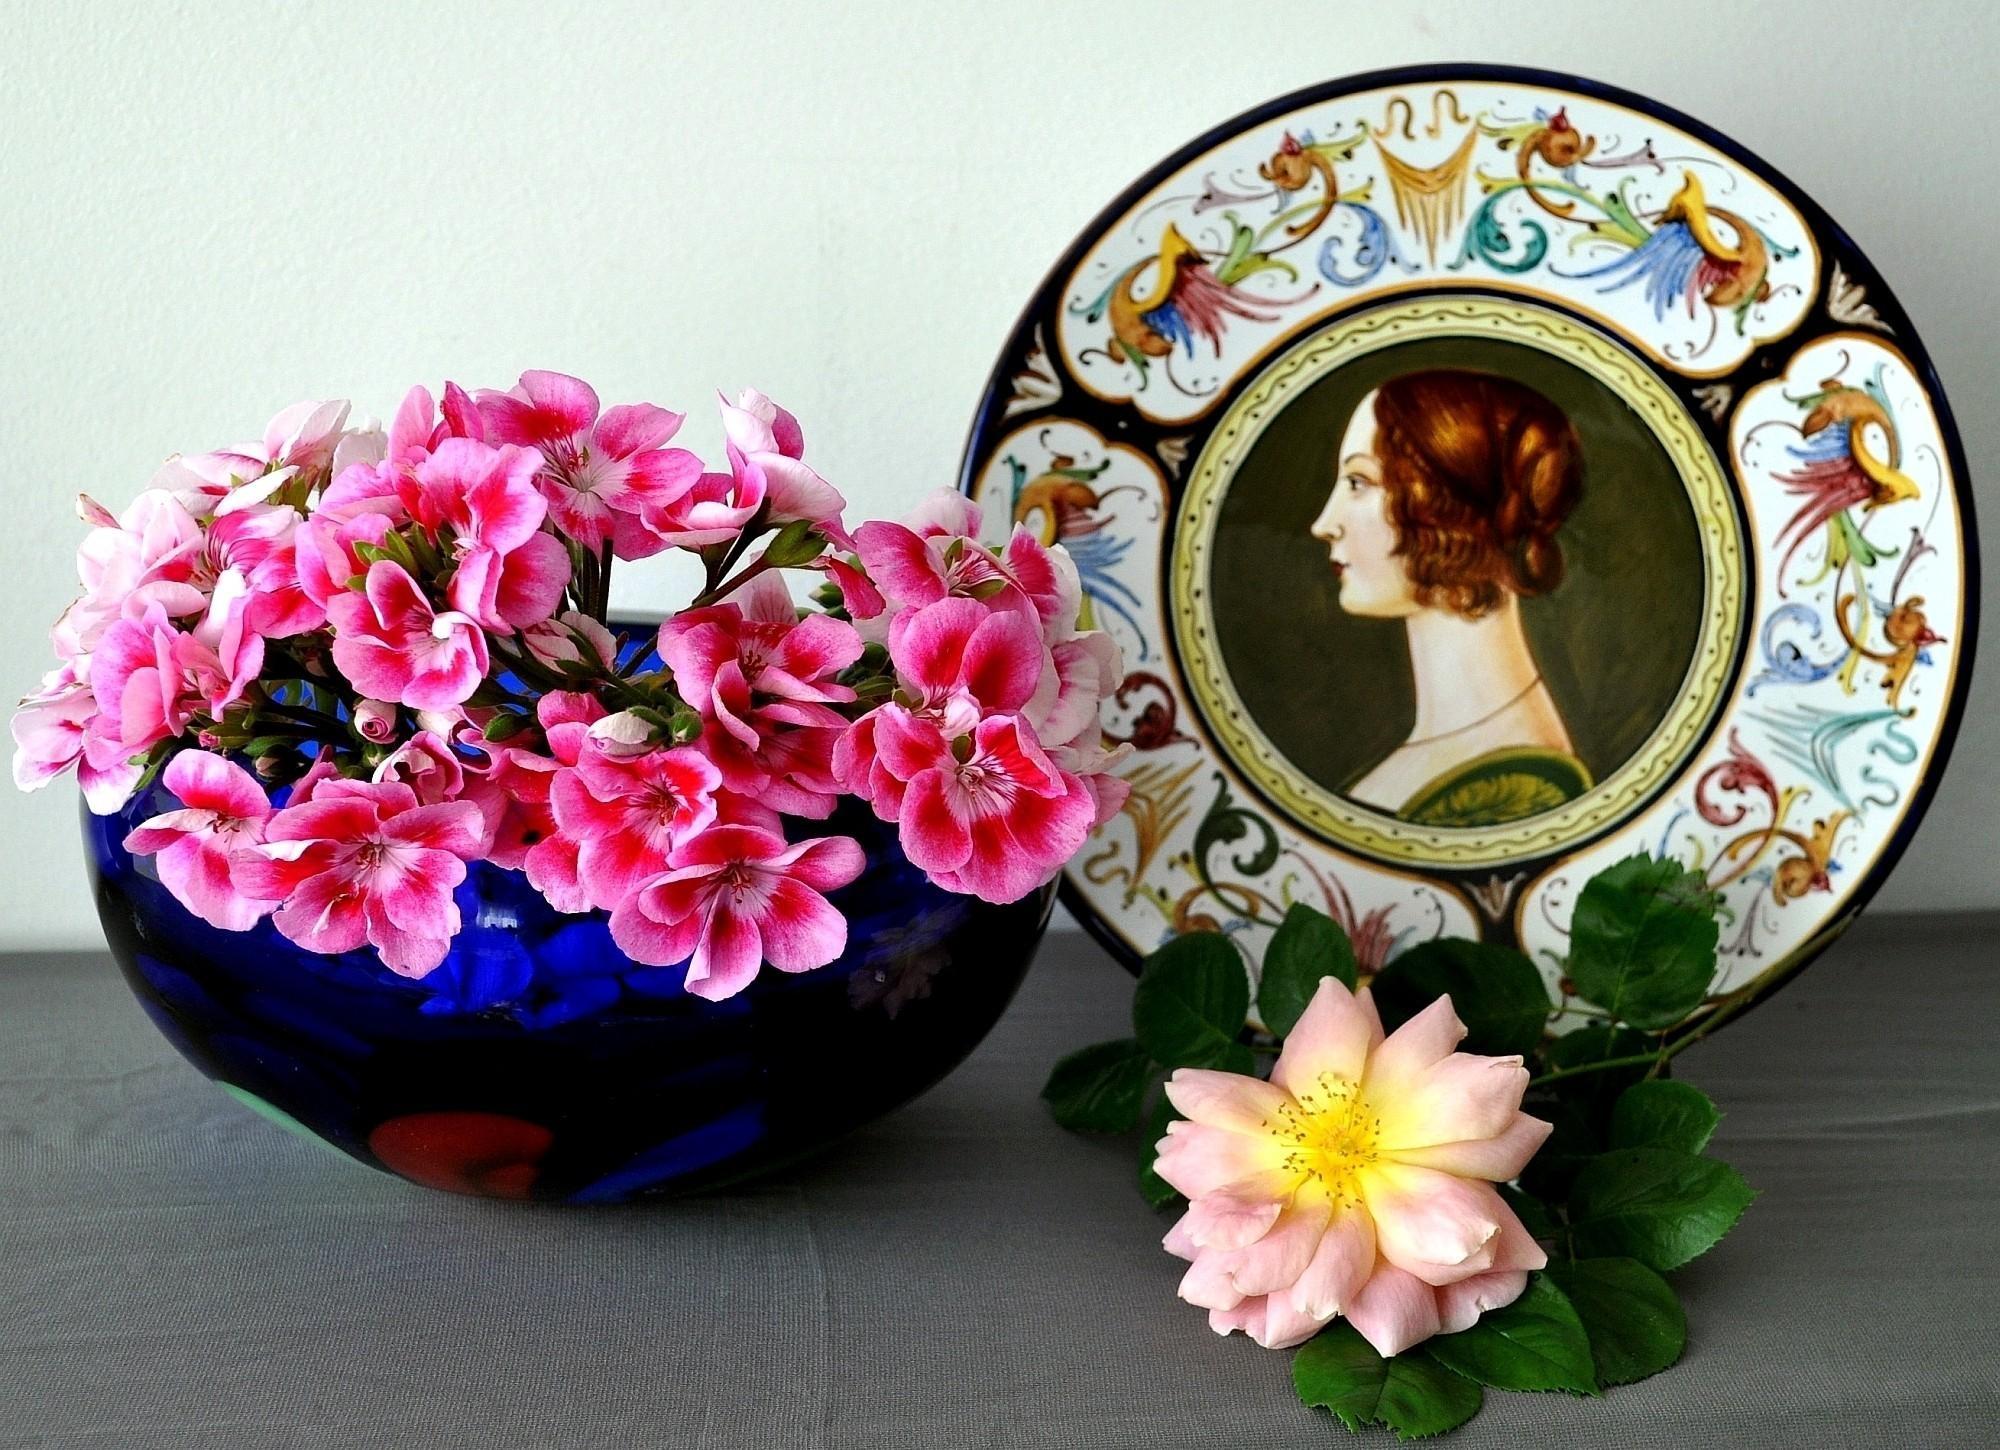 158101 скачать обои Цветы, Герань, Тарелка, Профиль, Поверхность, Розы - заставки и картинки бесплатно